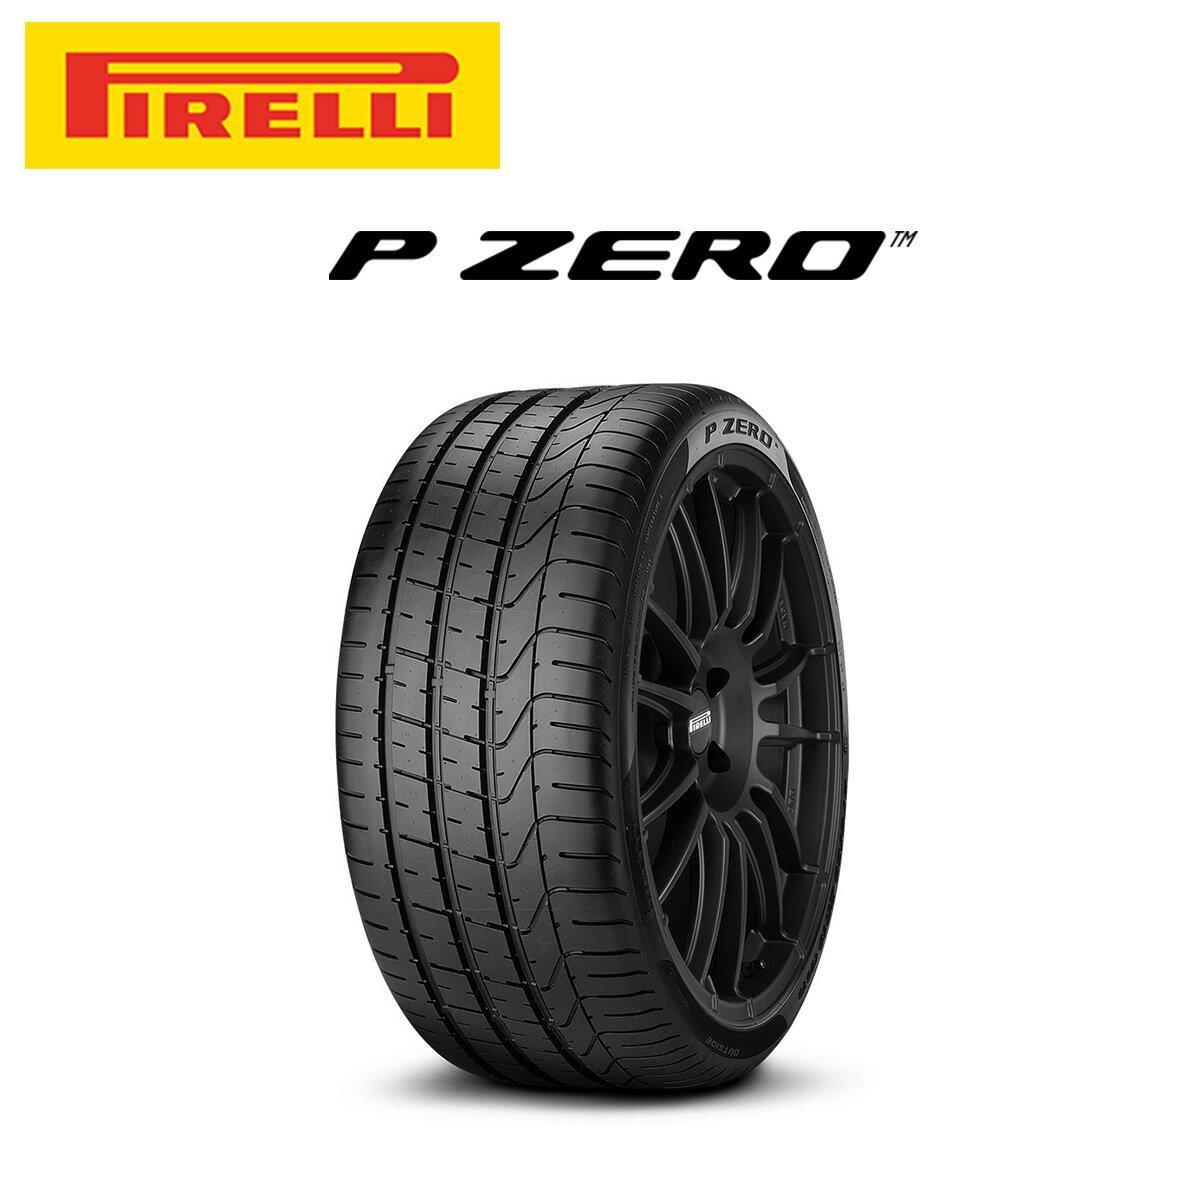 ピレリ PIRELLI P ZERO ピーゼロ 21インチ サマー タイヤ 1本 255/40R21 102Y XL RO1:アウディ承認タイヤ 2181400